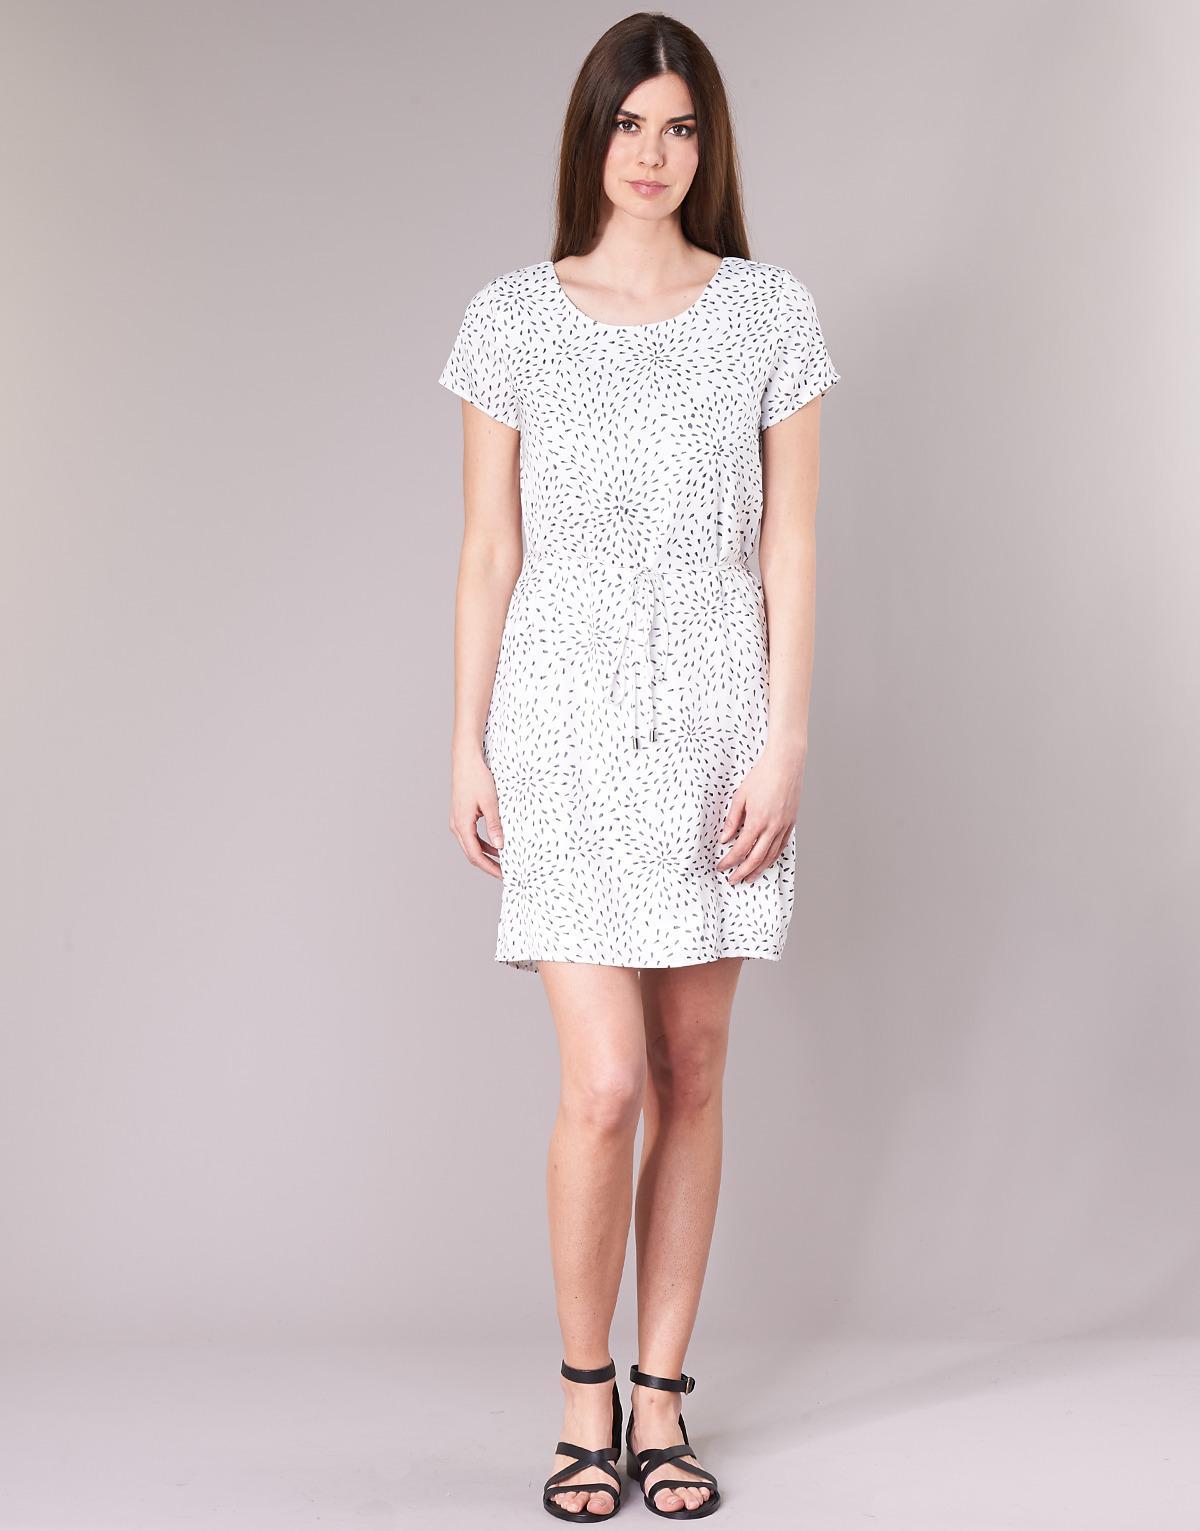 El vestido blanco que te regale